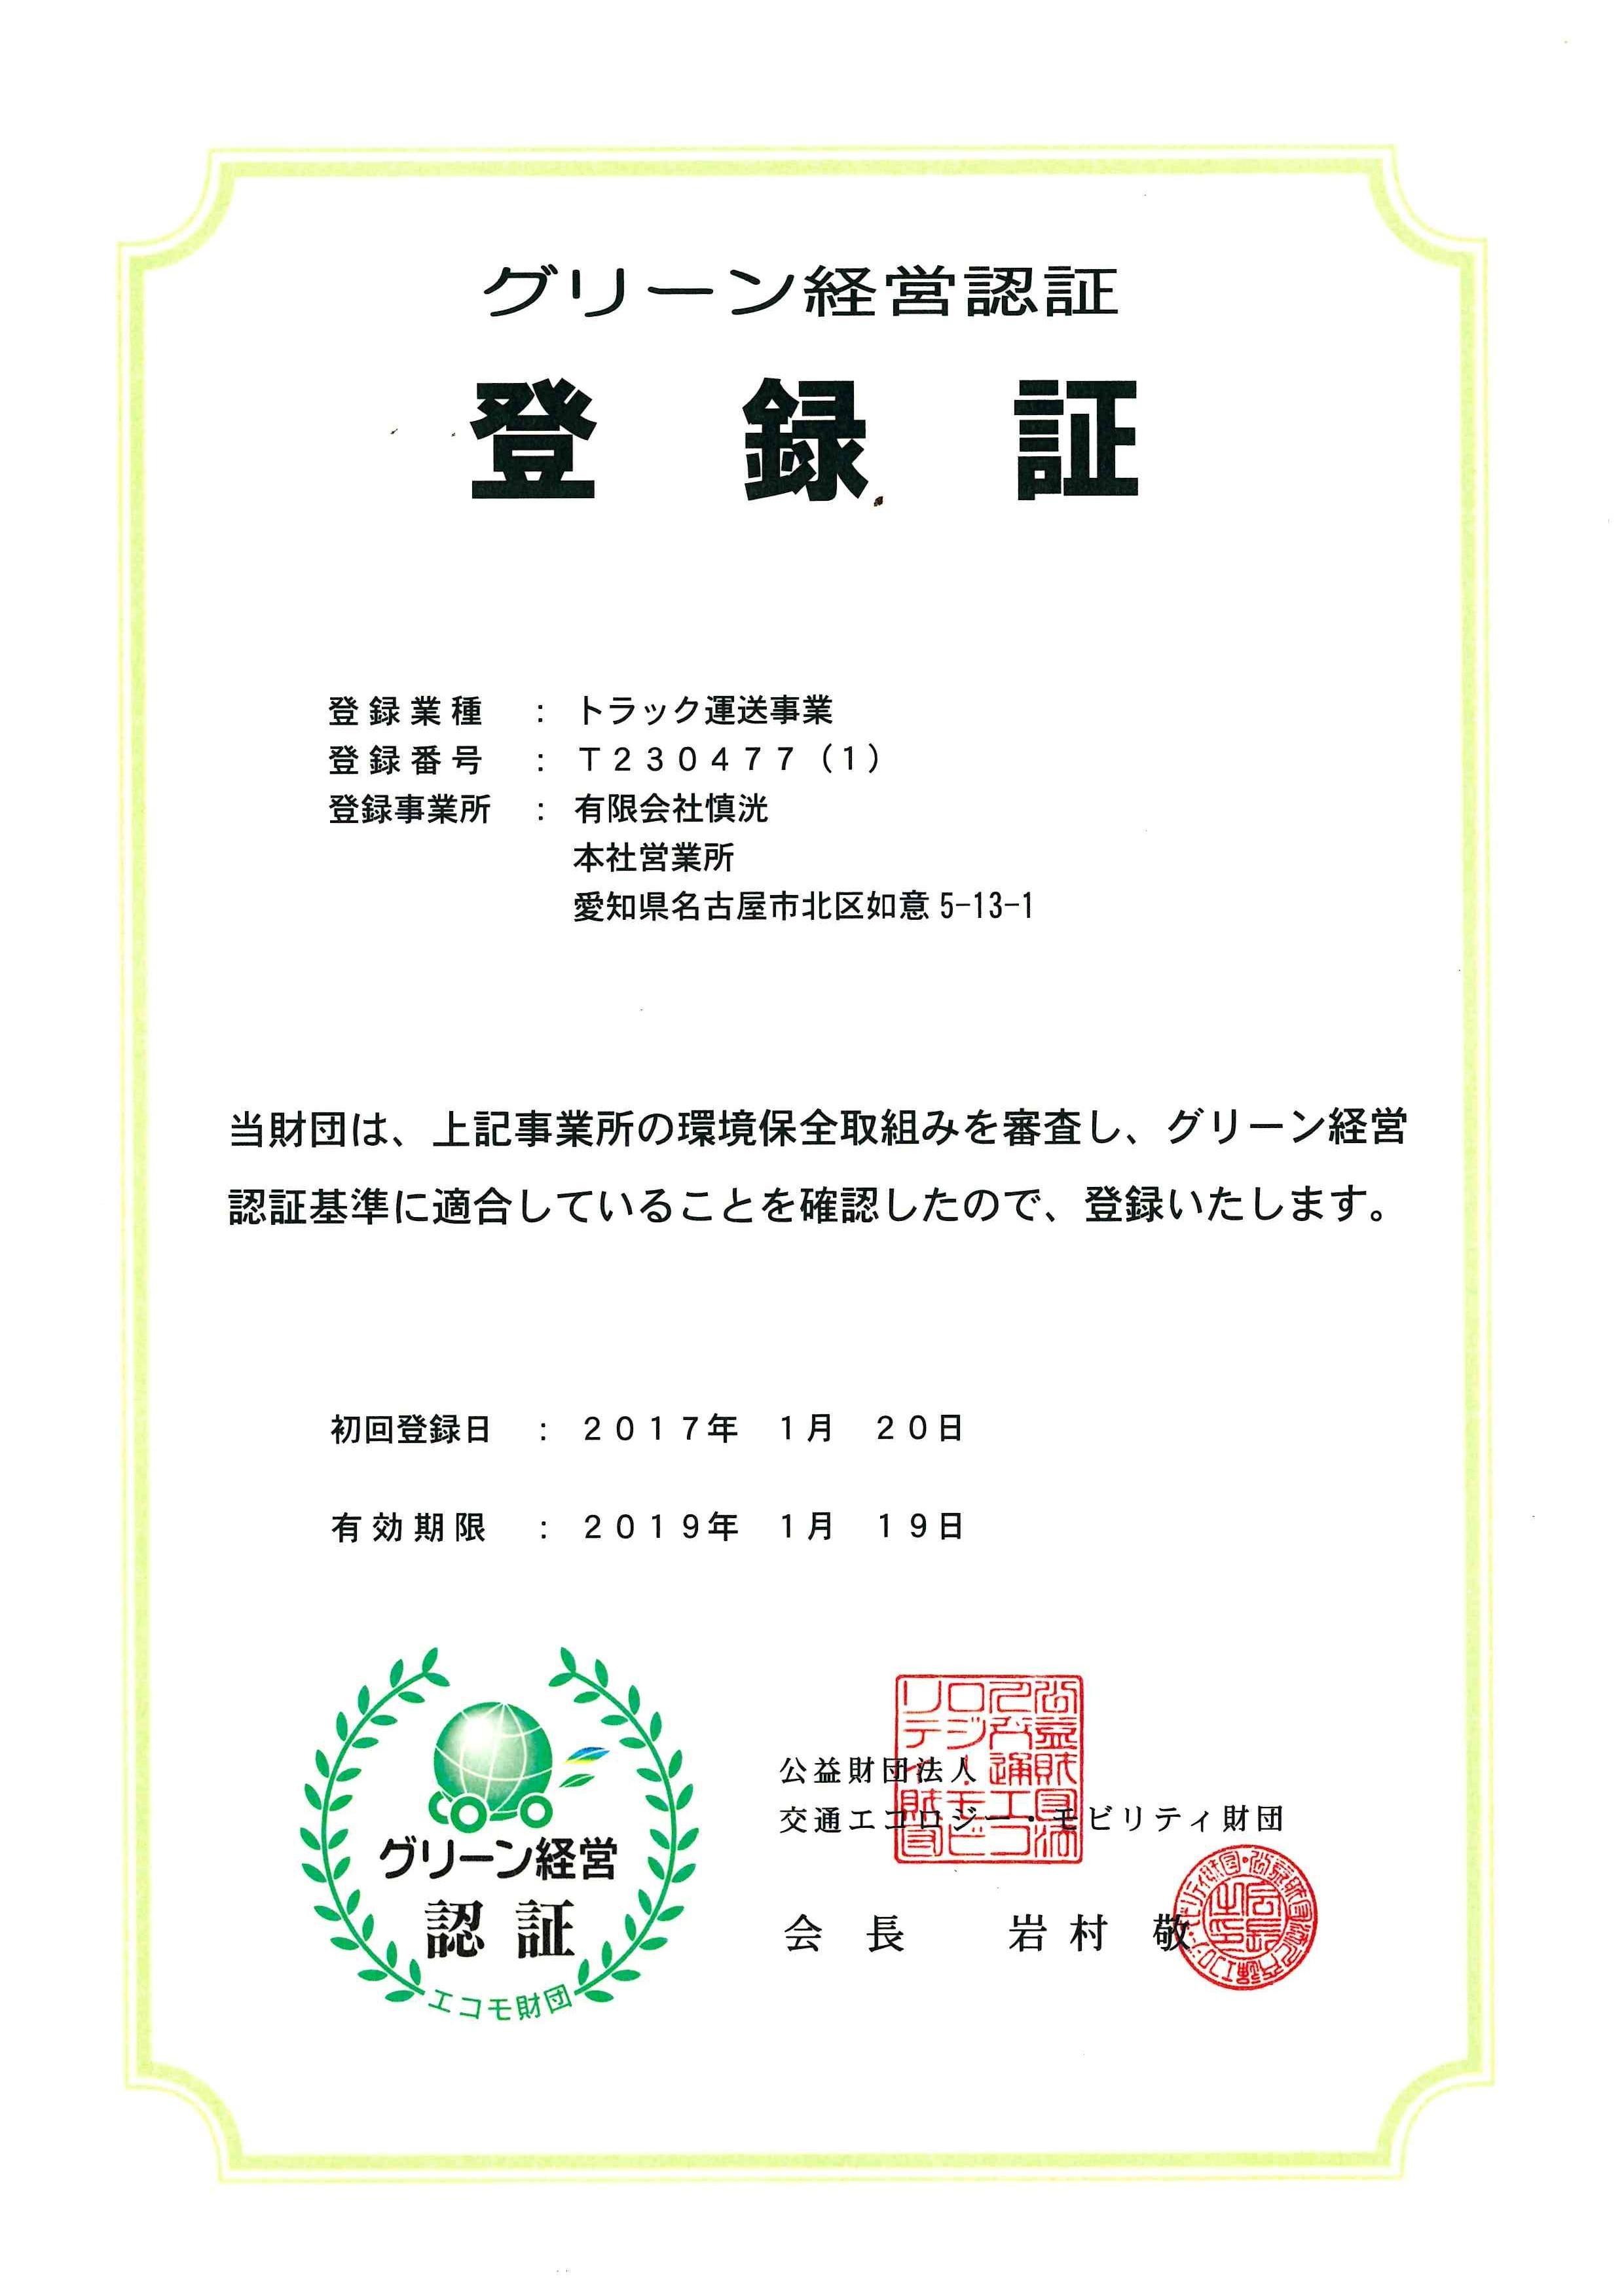 2017年1月20日 グリーン経営認証を取得しました